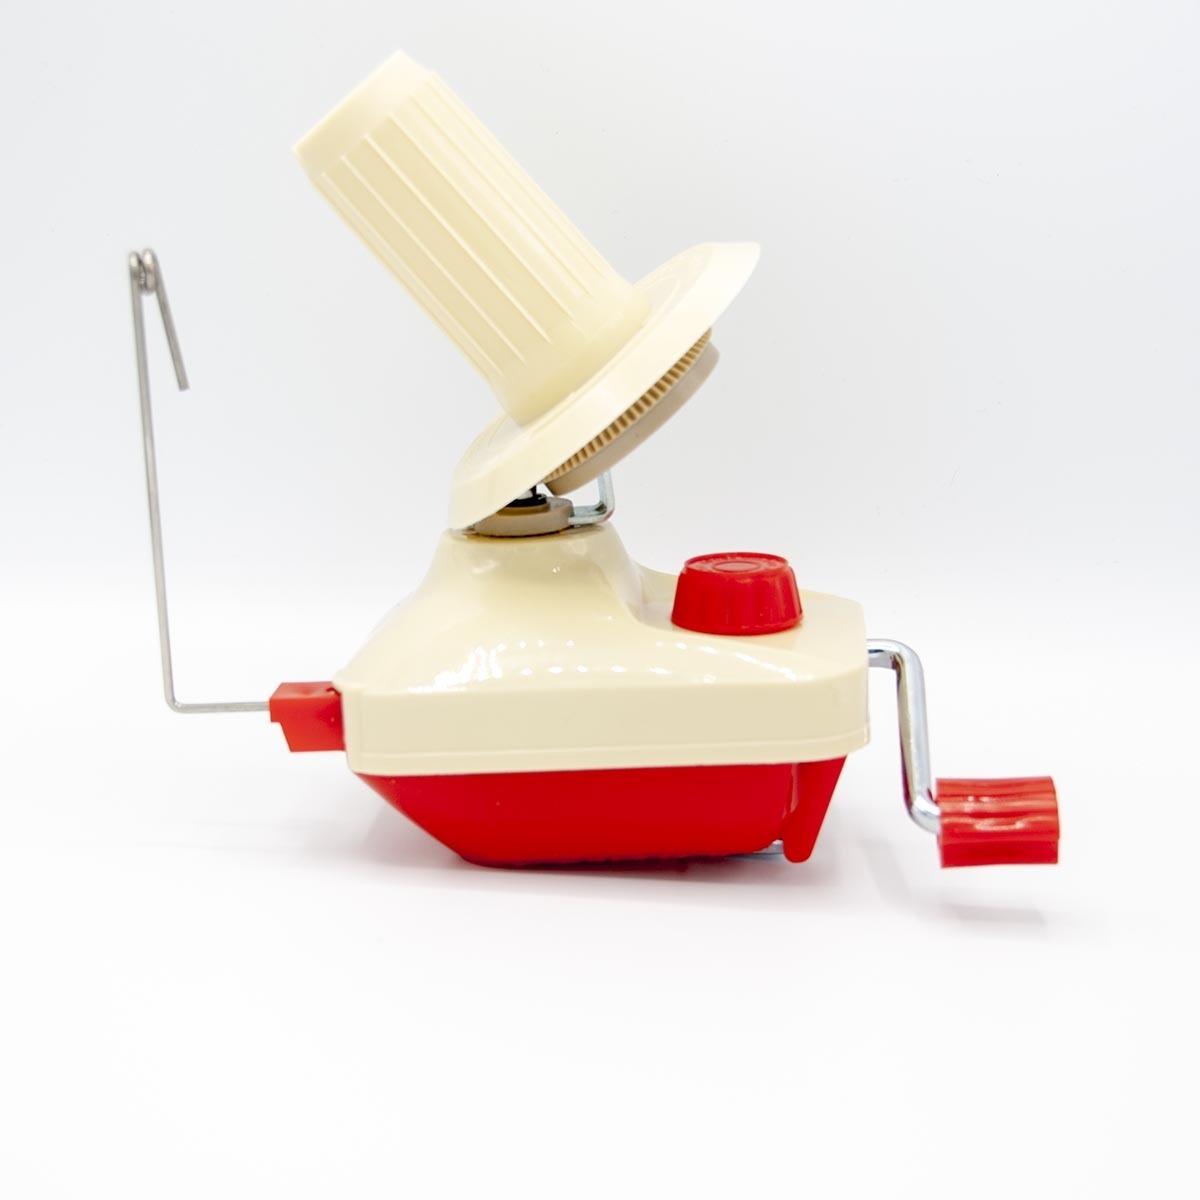 Моталка ручная для петематывания пряжи на пластиковый конус, Hemline